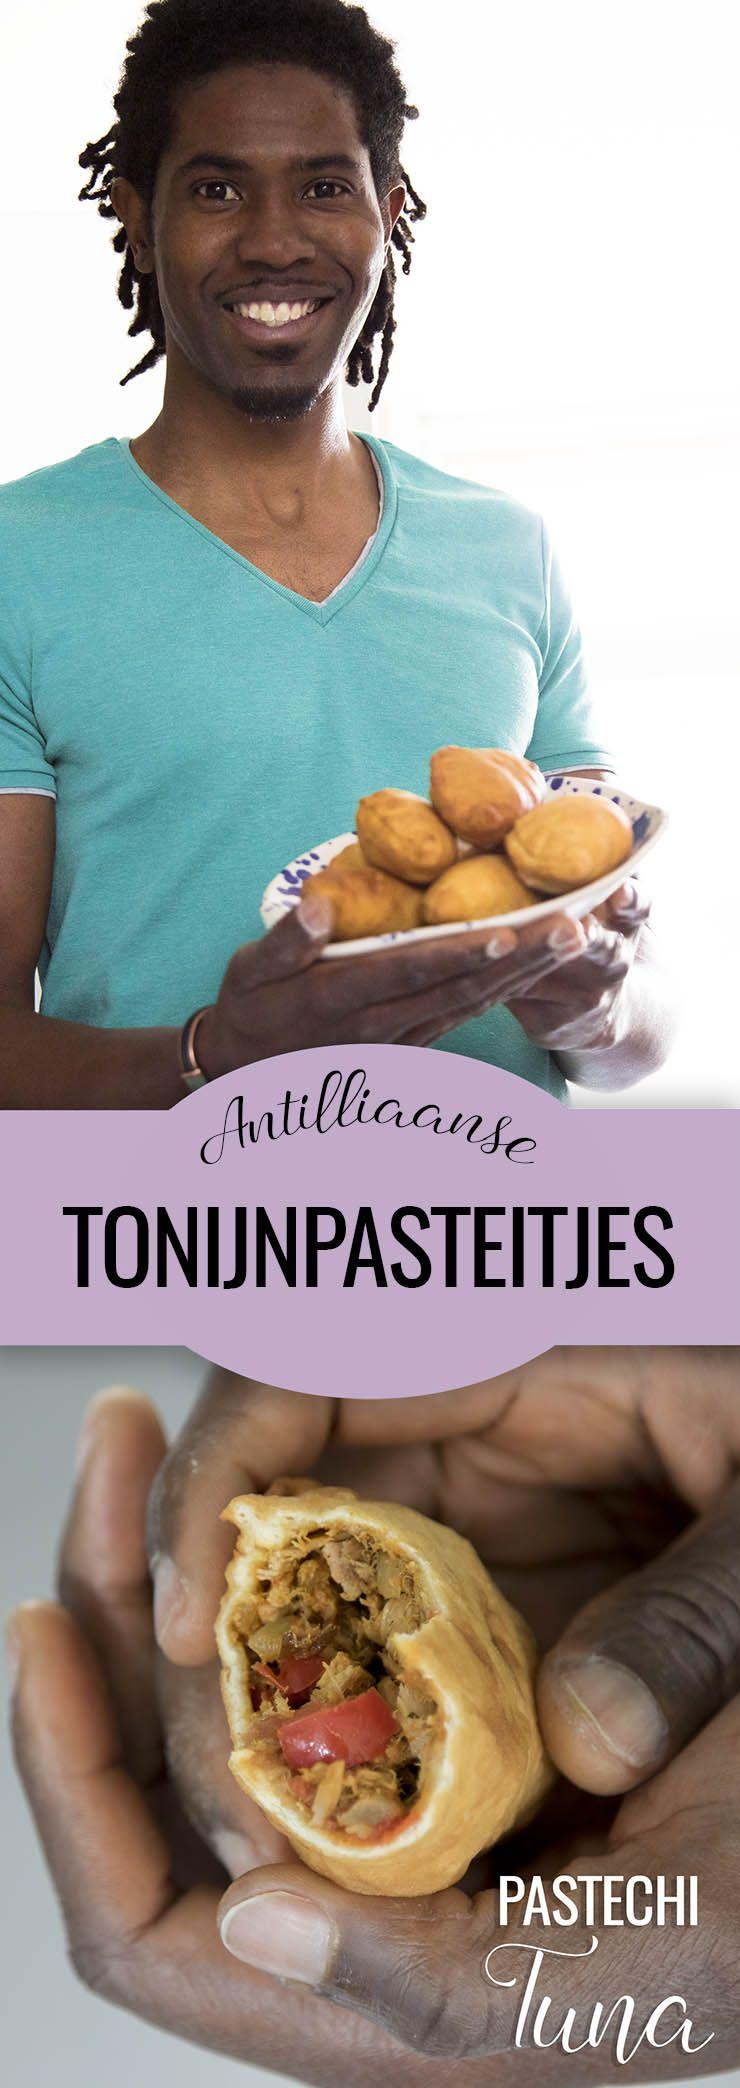 Antilliaanse Pastechi Tuna Tonijnpasteitjes Recept Video Recept Carribische Recepten Lekker Eten Eten Recepten